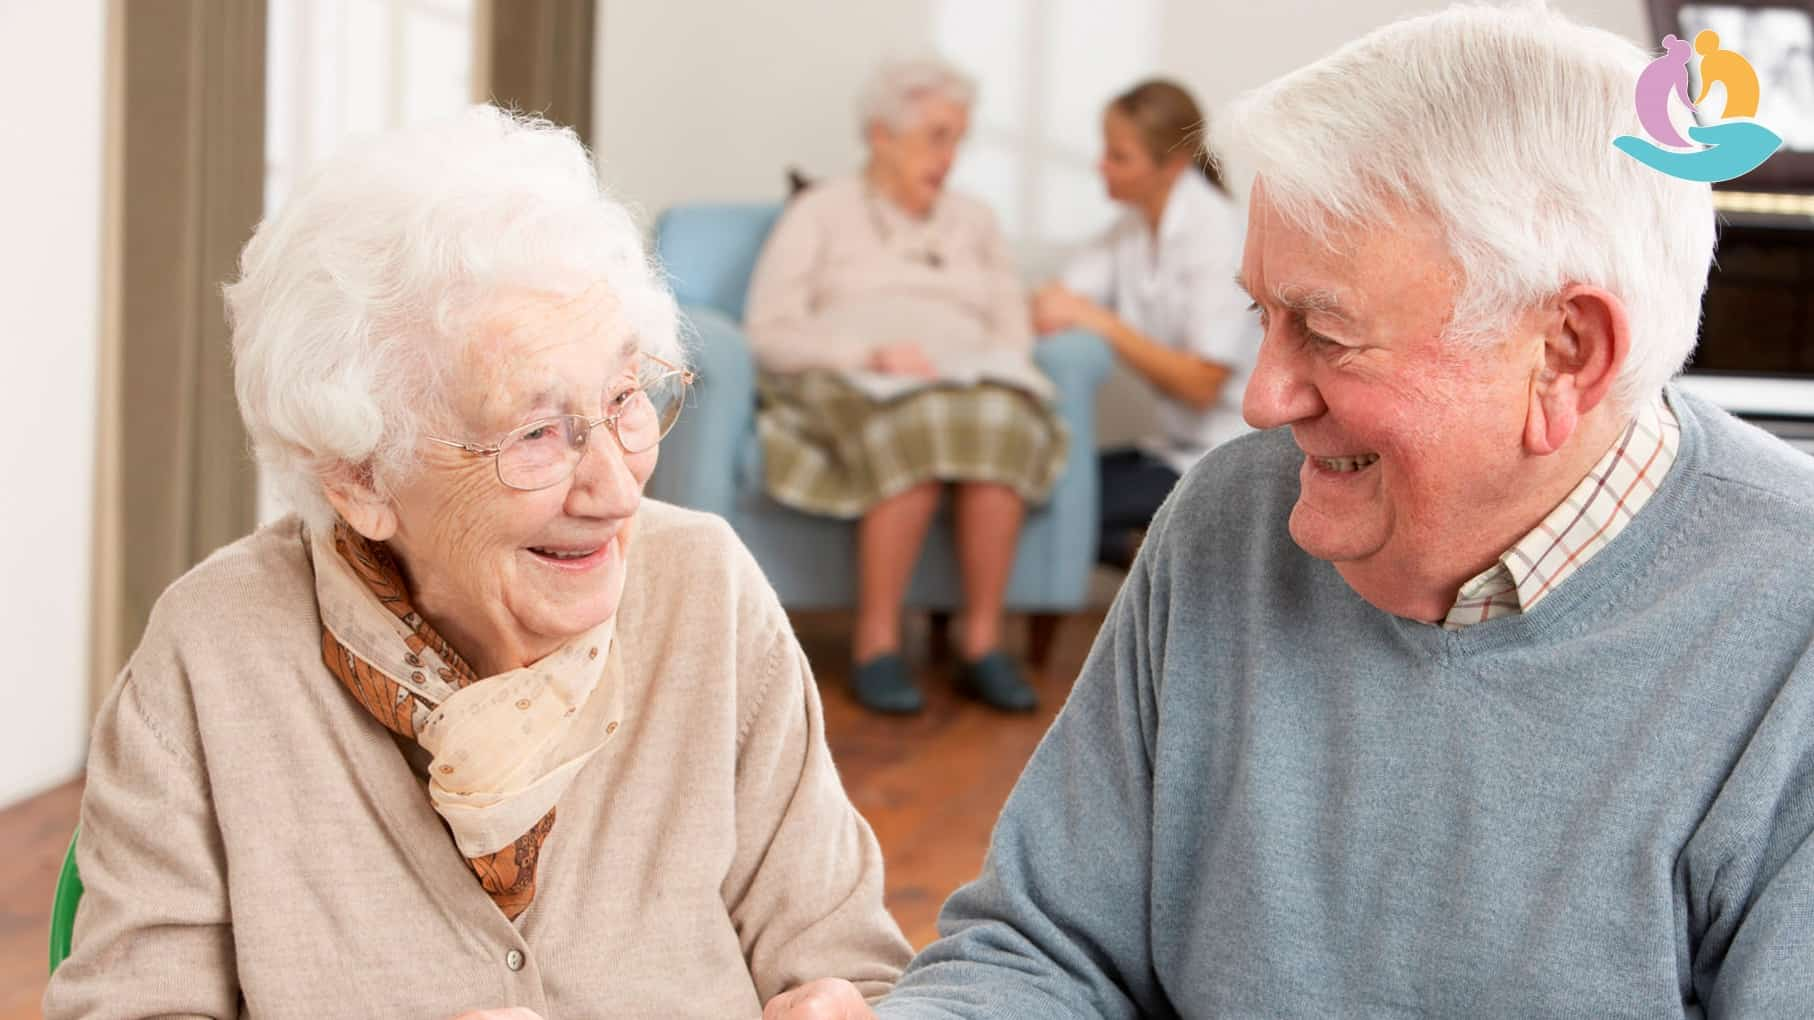 Социальный пансионат для пожилых людей с деменцией пансионат для пожилых людей в сиверской